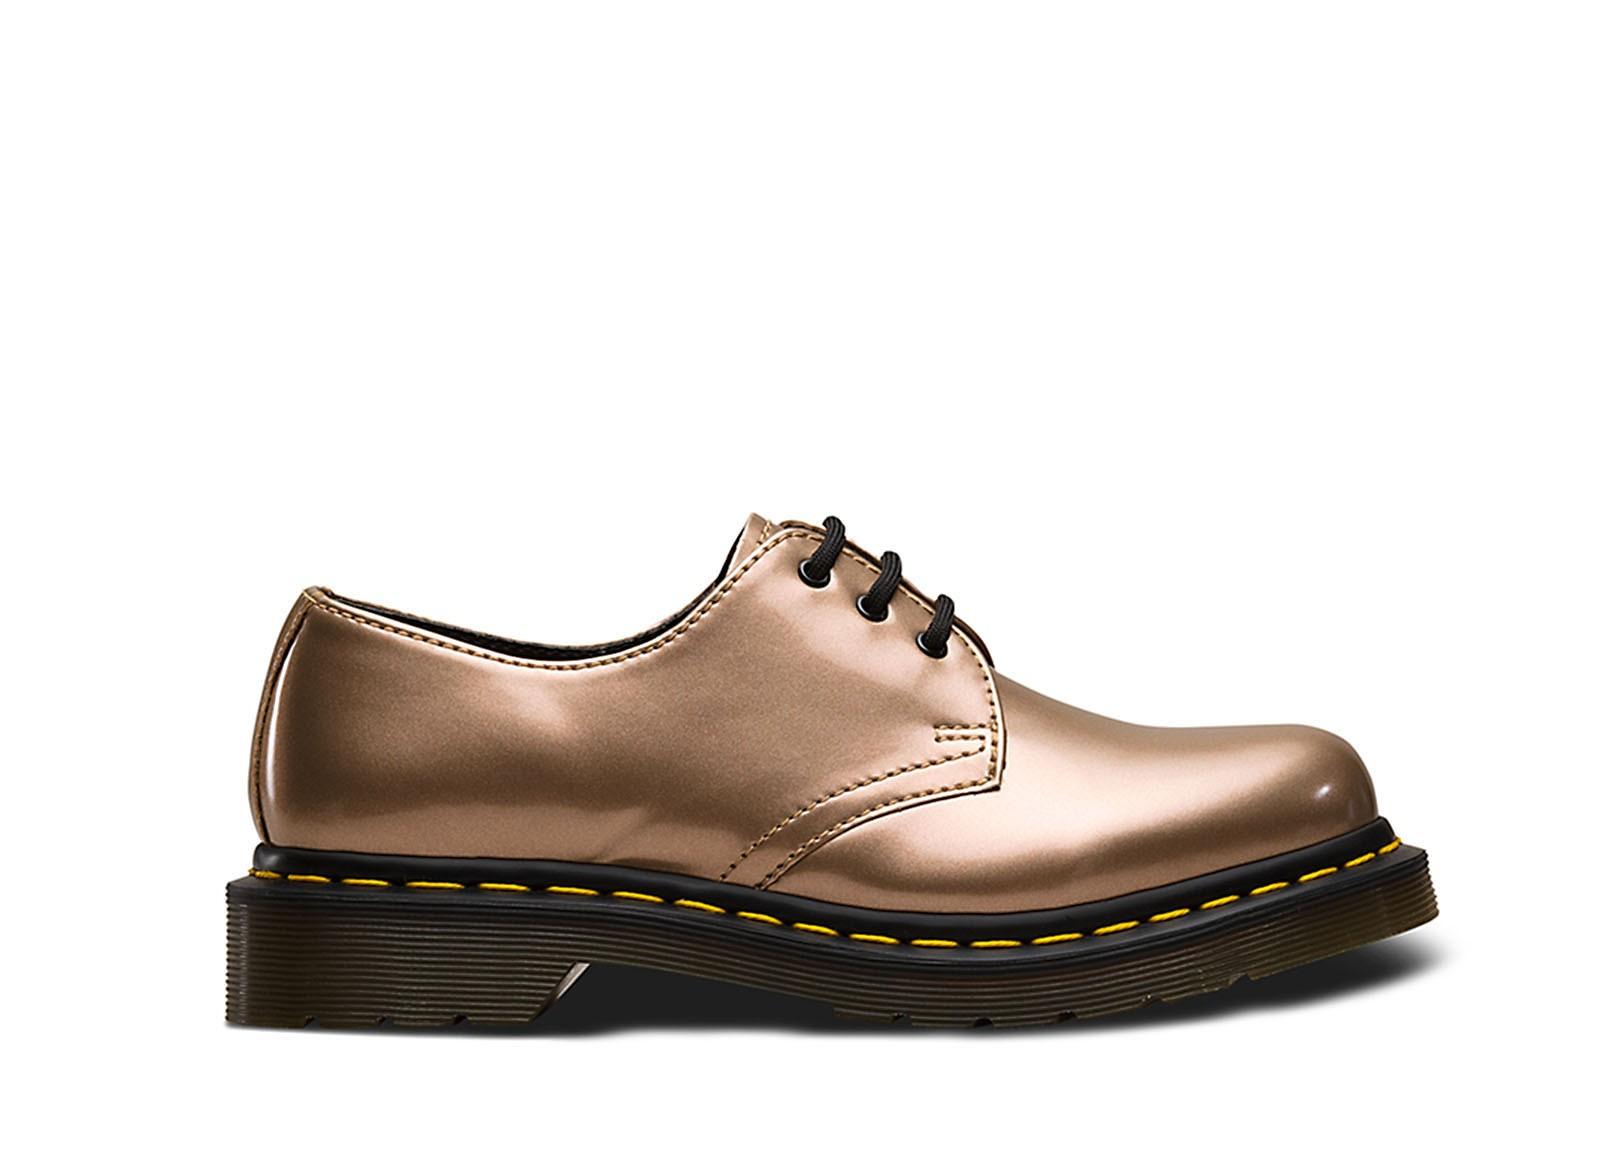 dessins attrayants différents types de plutôt cool Vegan Lace-up Shoe | DR. MARTENS 1461 3-Eye Shoe Chrome ...